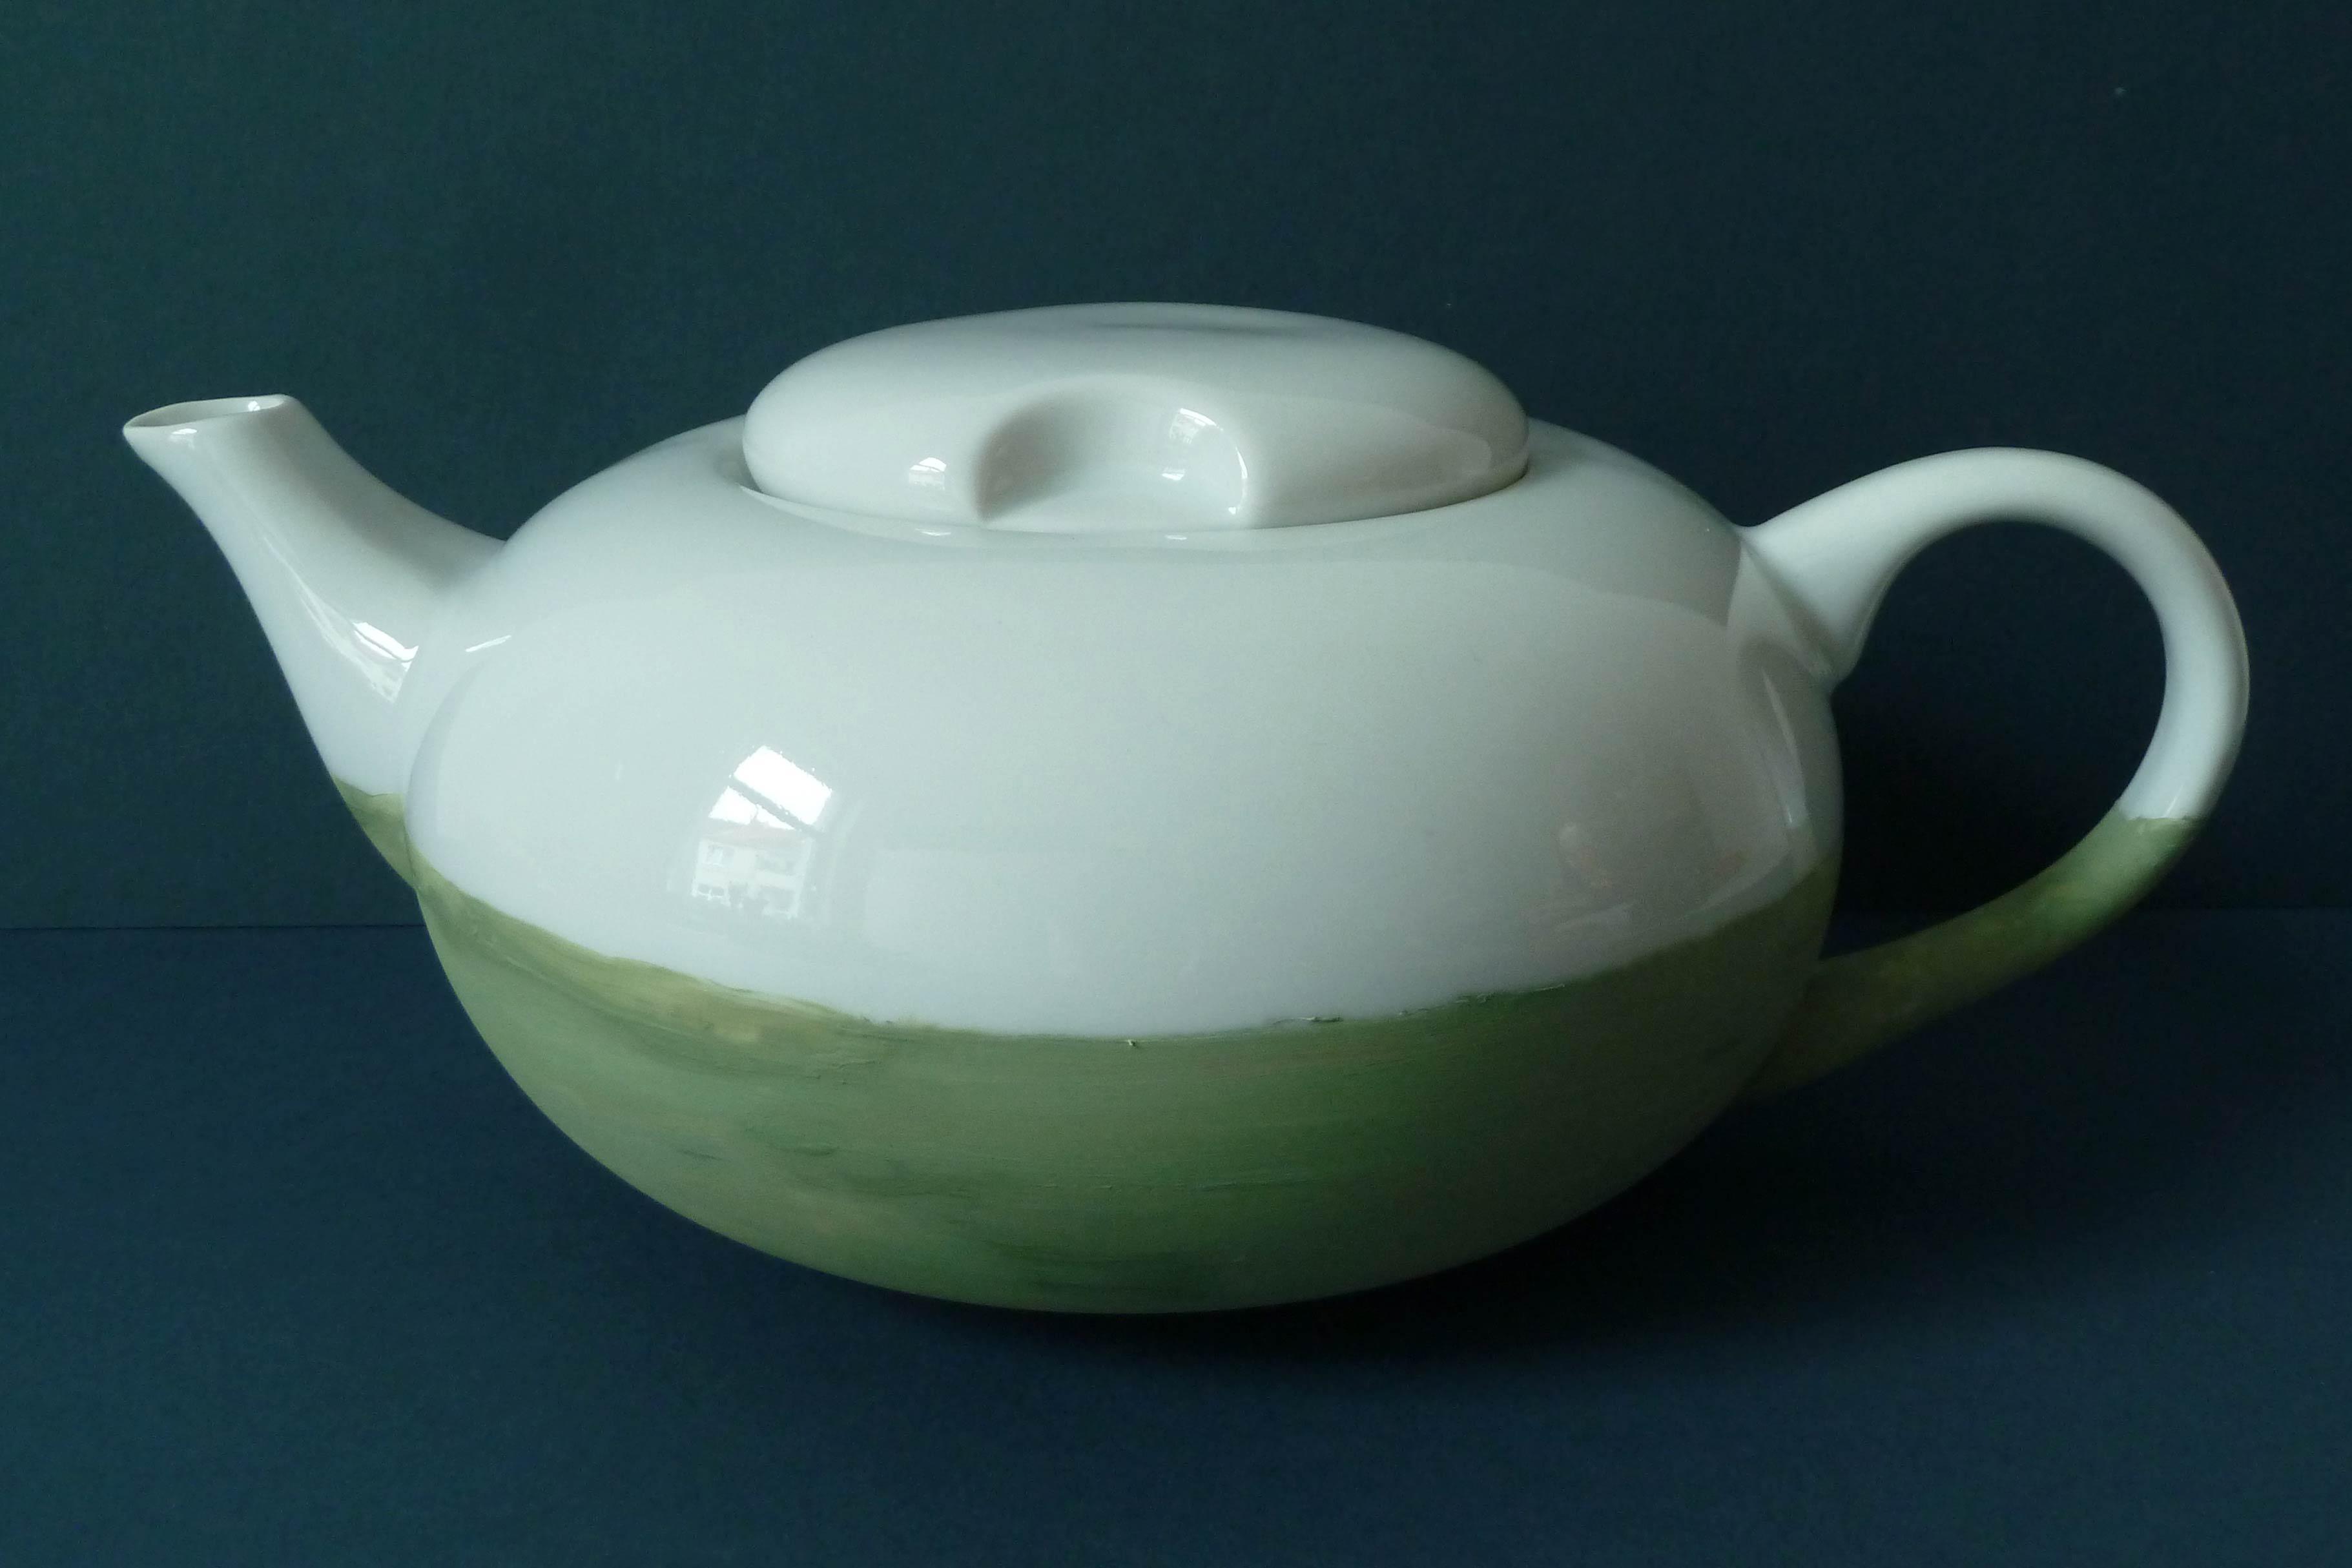 Teekanne weiß-grün nach Sencha Grüntee gestaltet